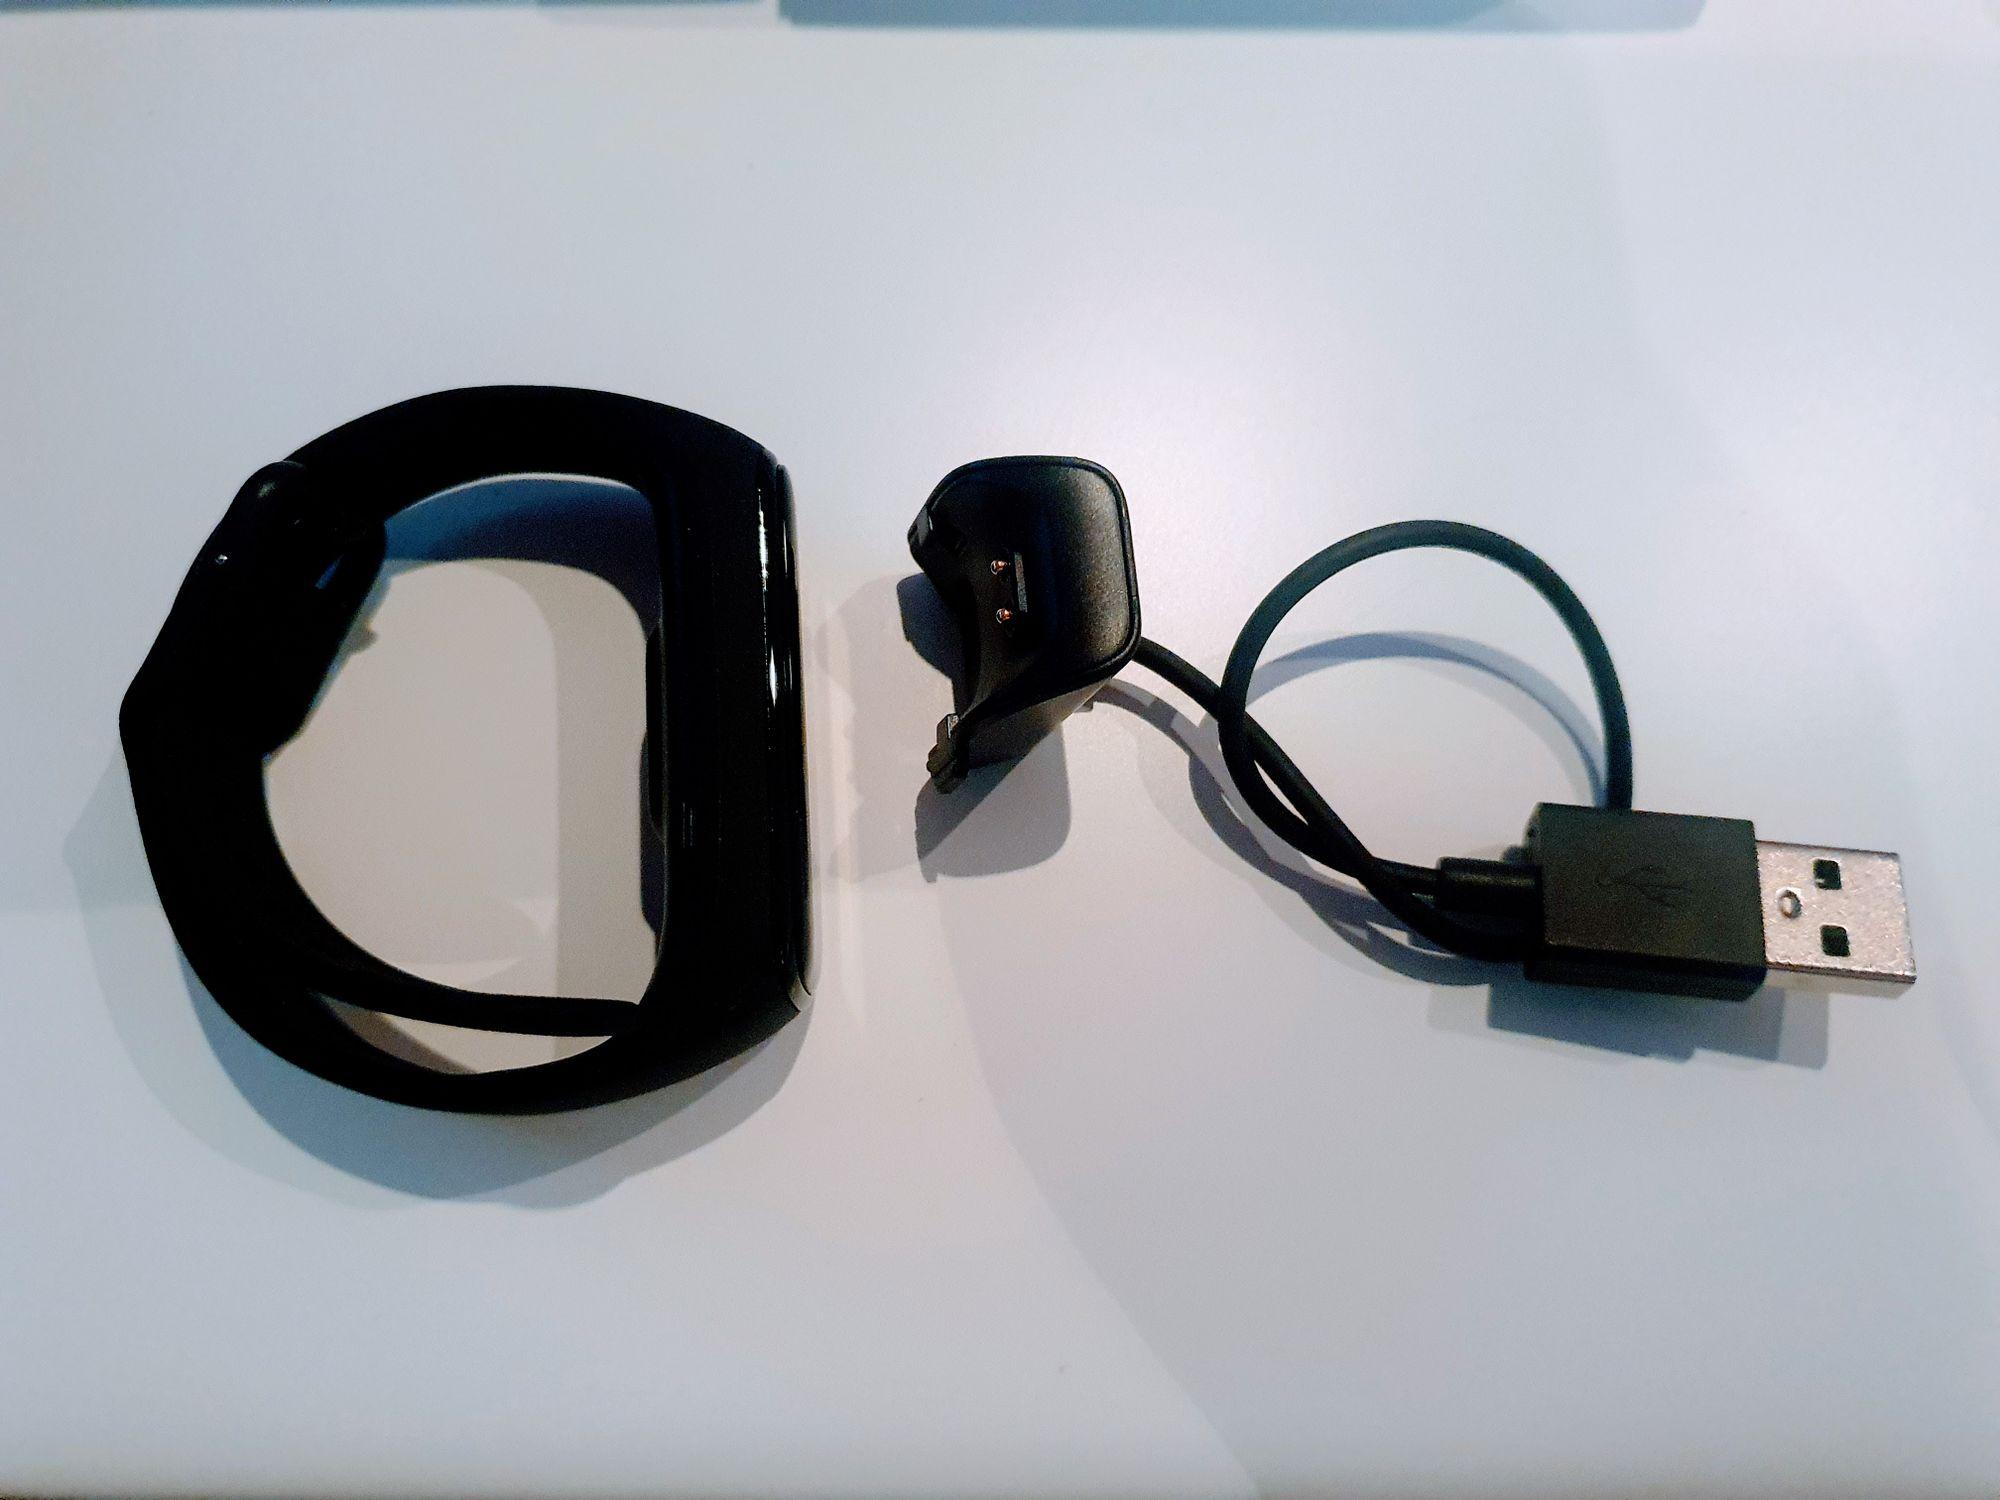 Pulsera y cargador, que viene en el embalaje inferior de la caja y kit completo de Galaxy fit 2